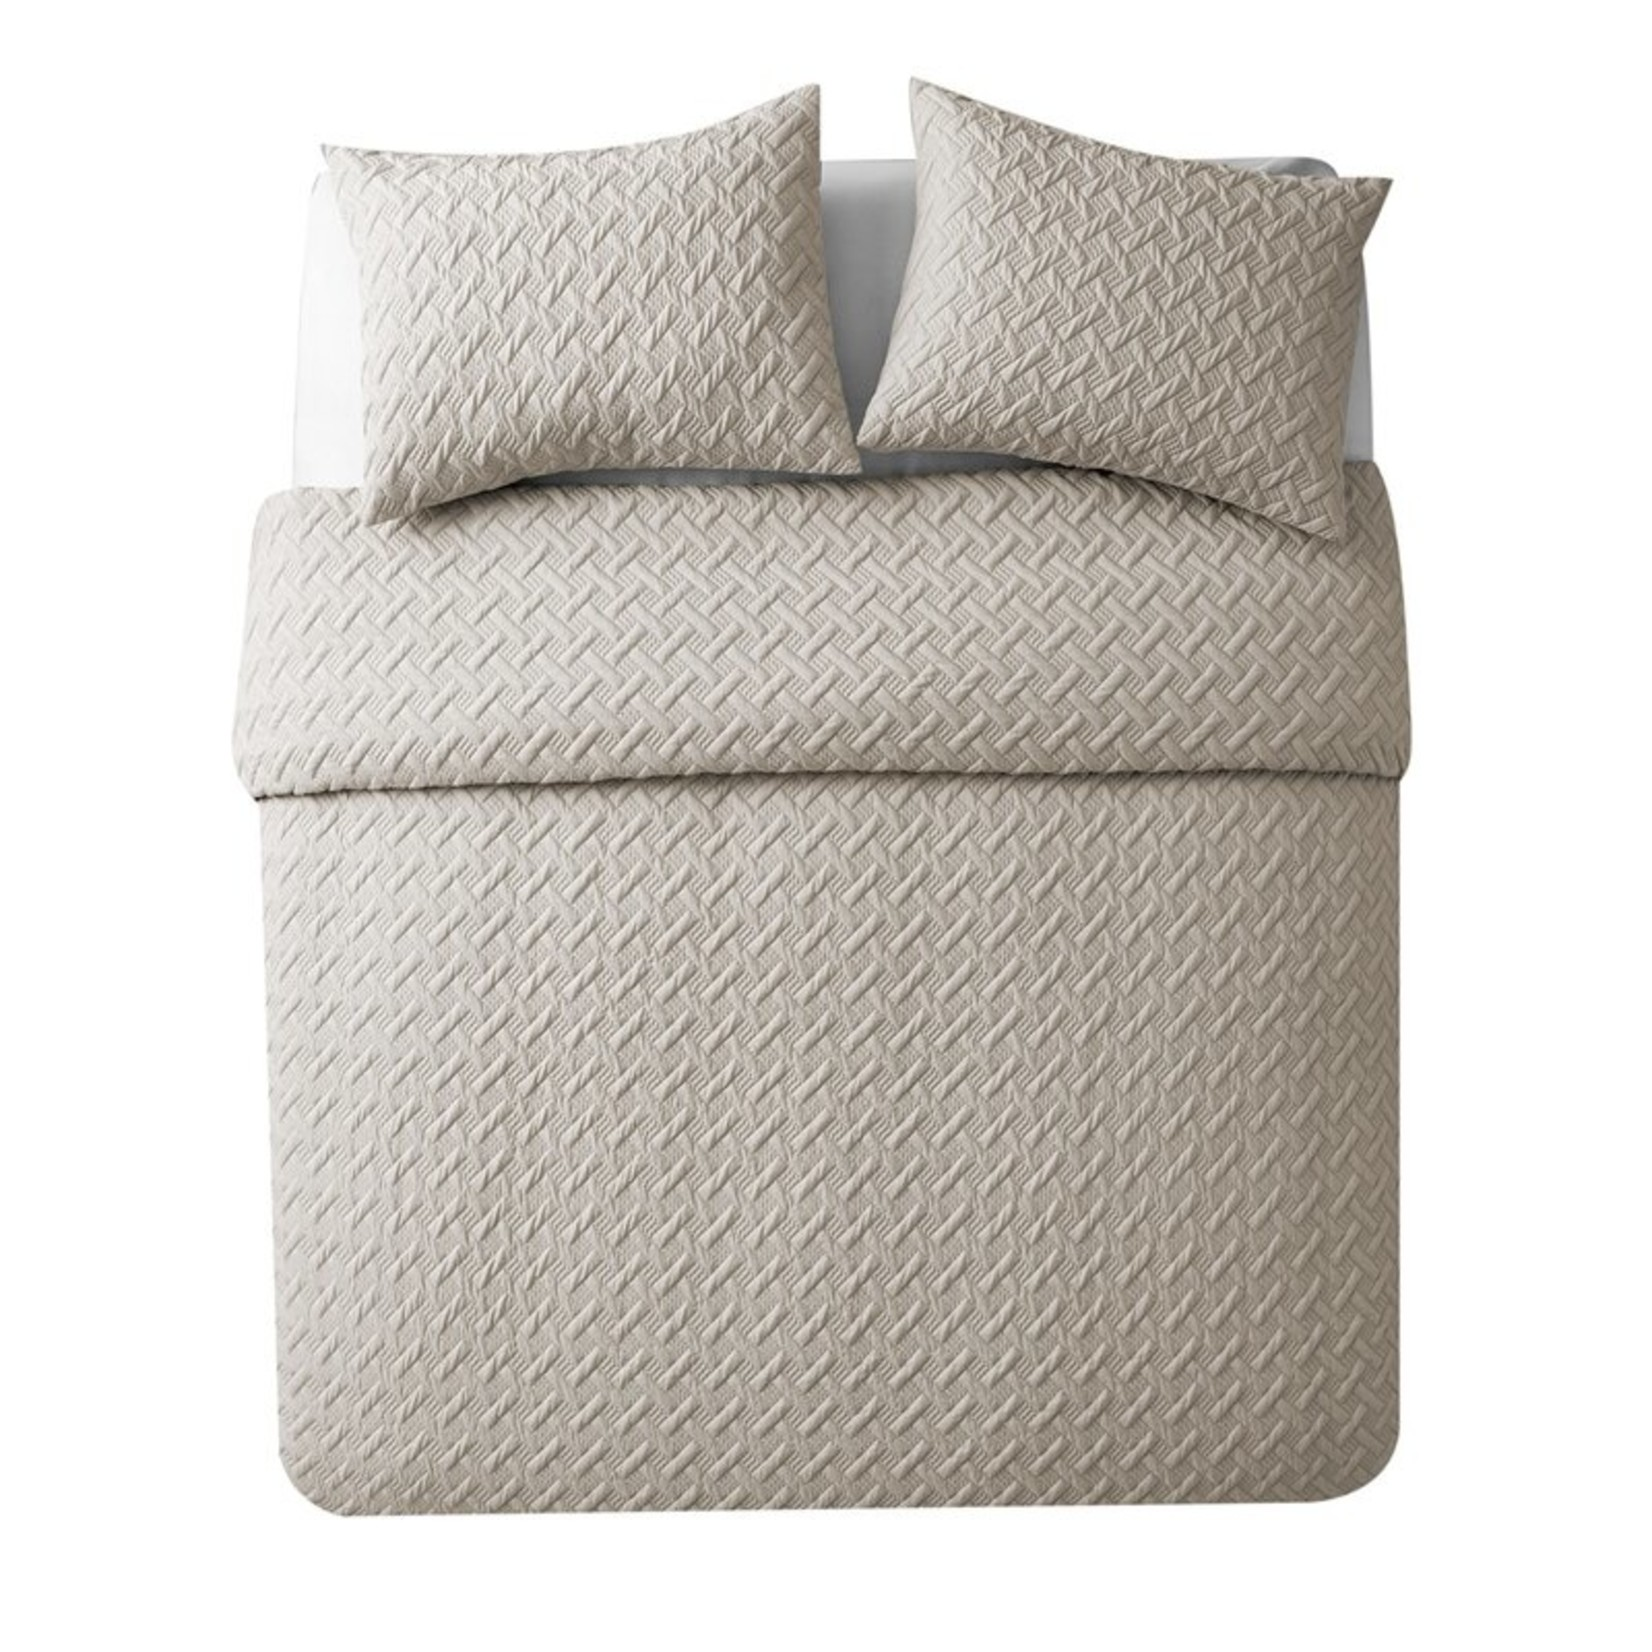 *King - Oliver Comforter Set - Final Sale